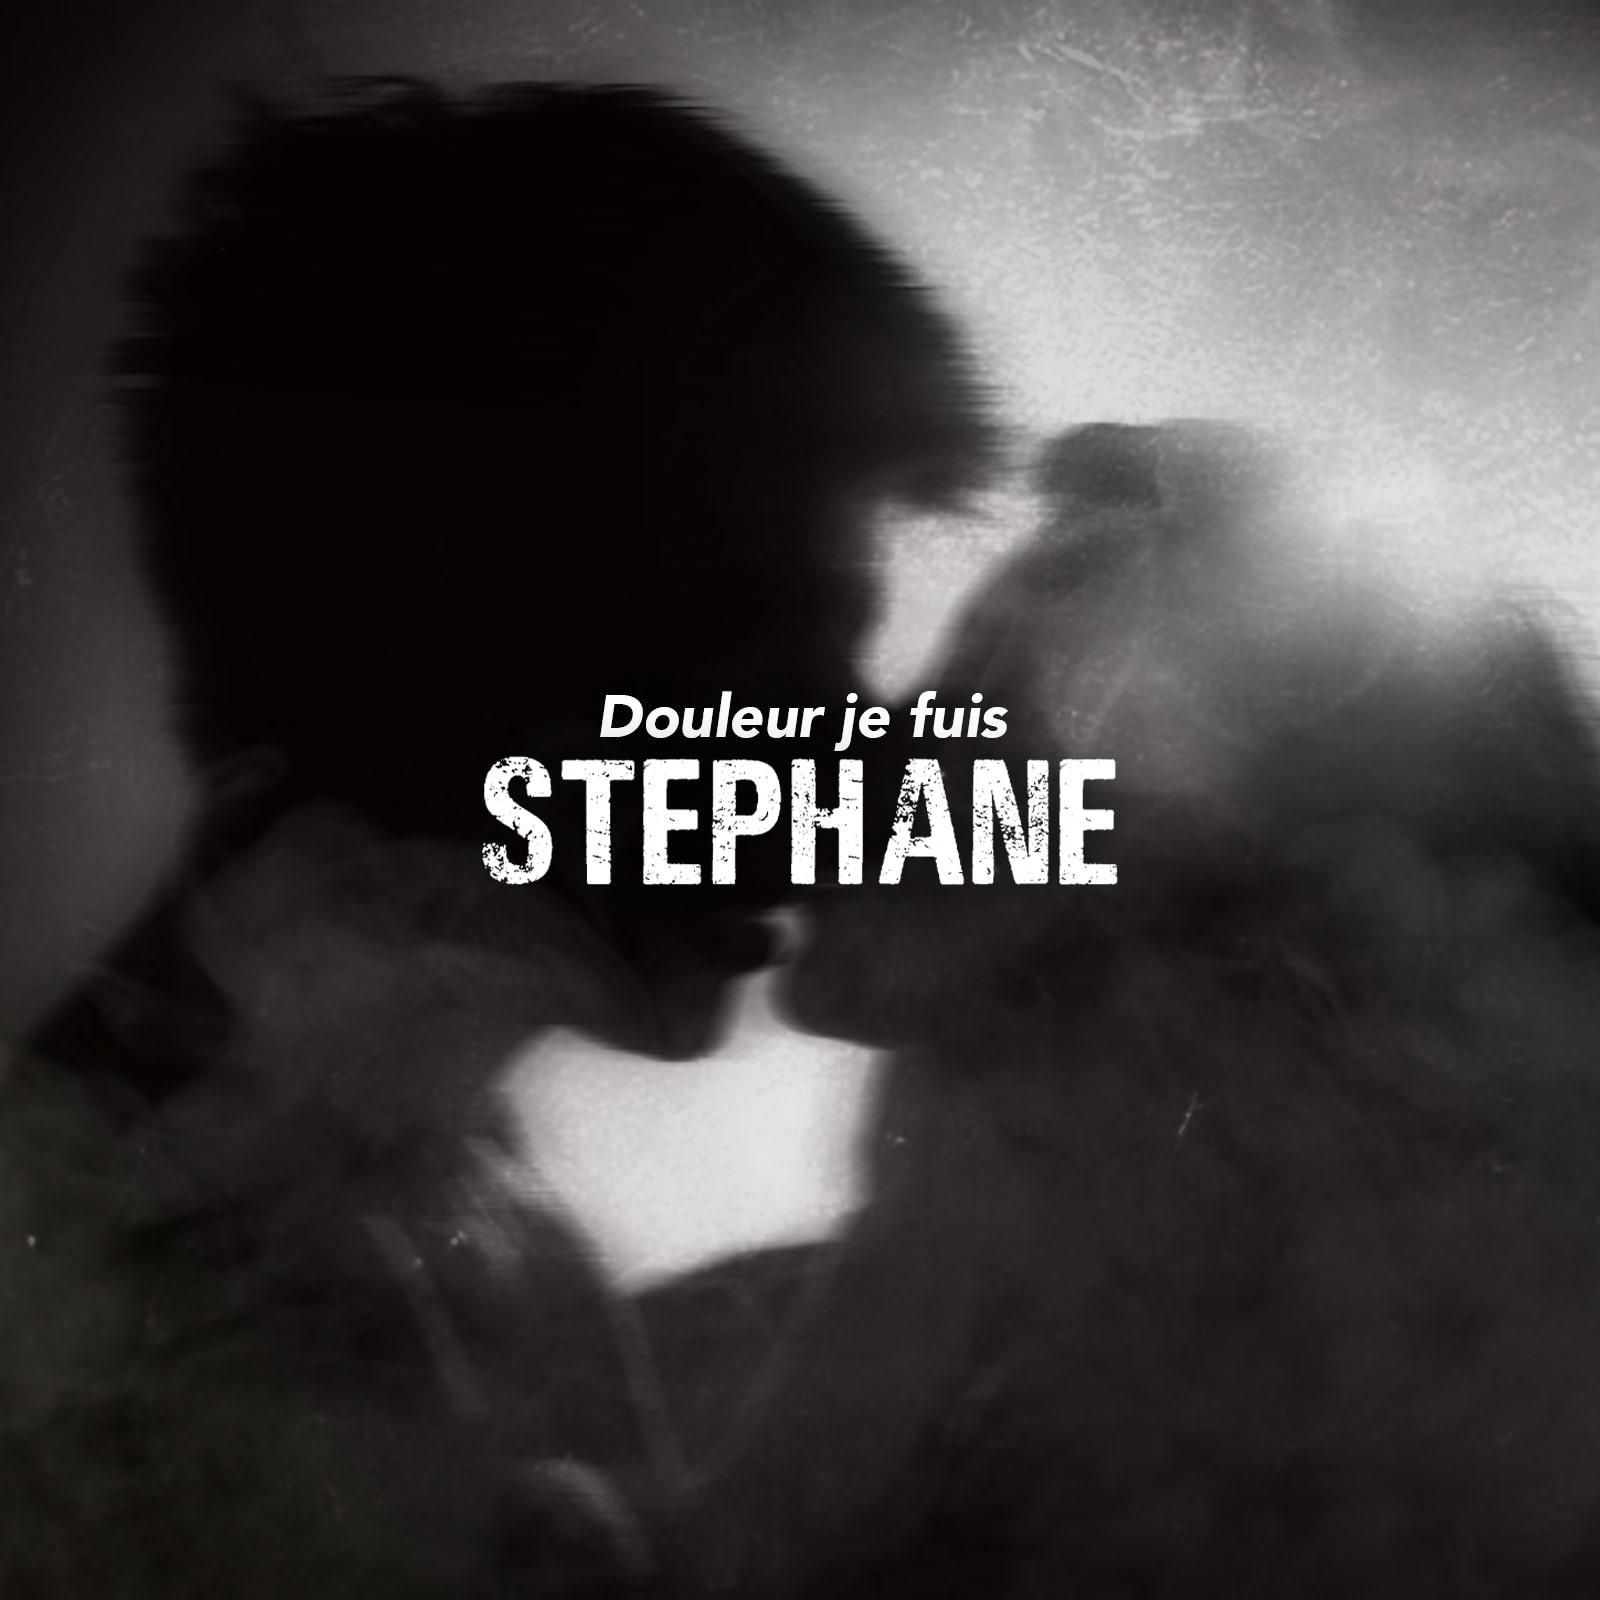 Stephane - Douleur je fuis